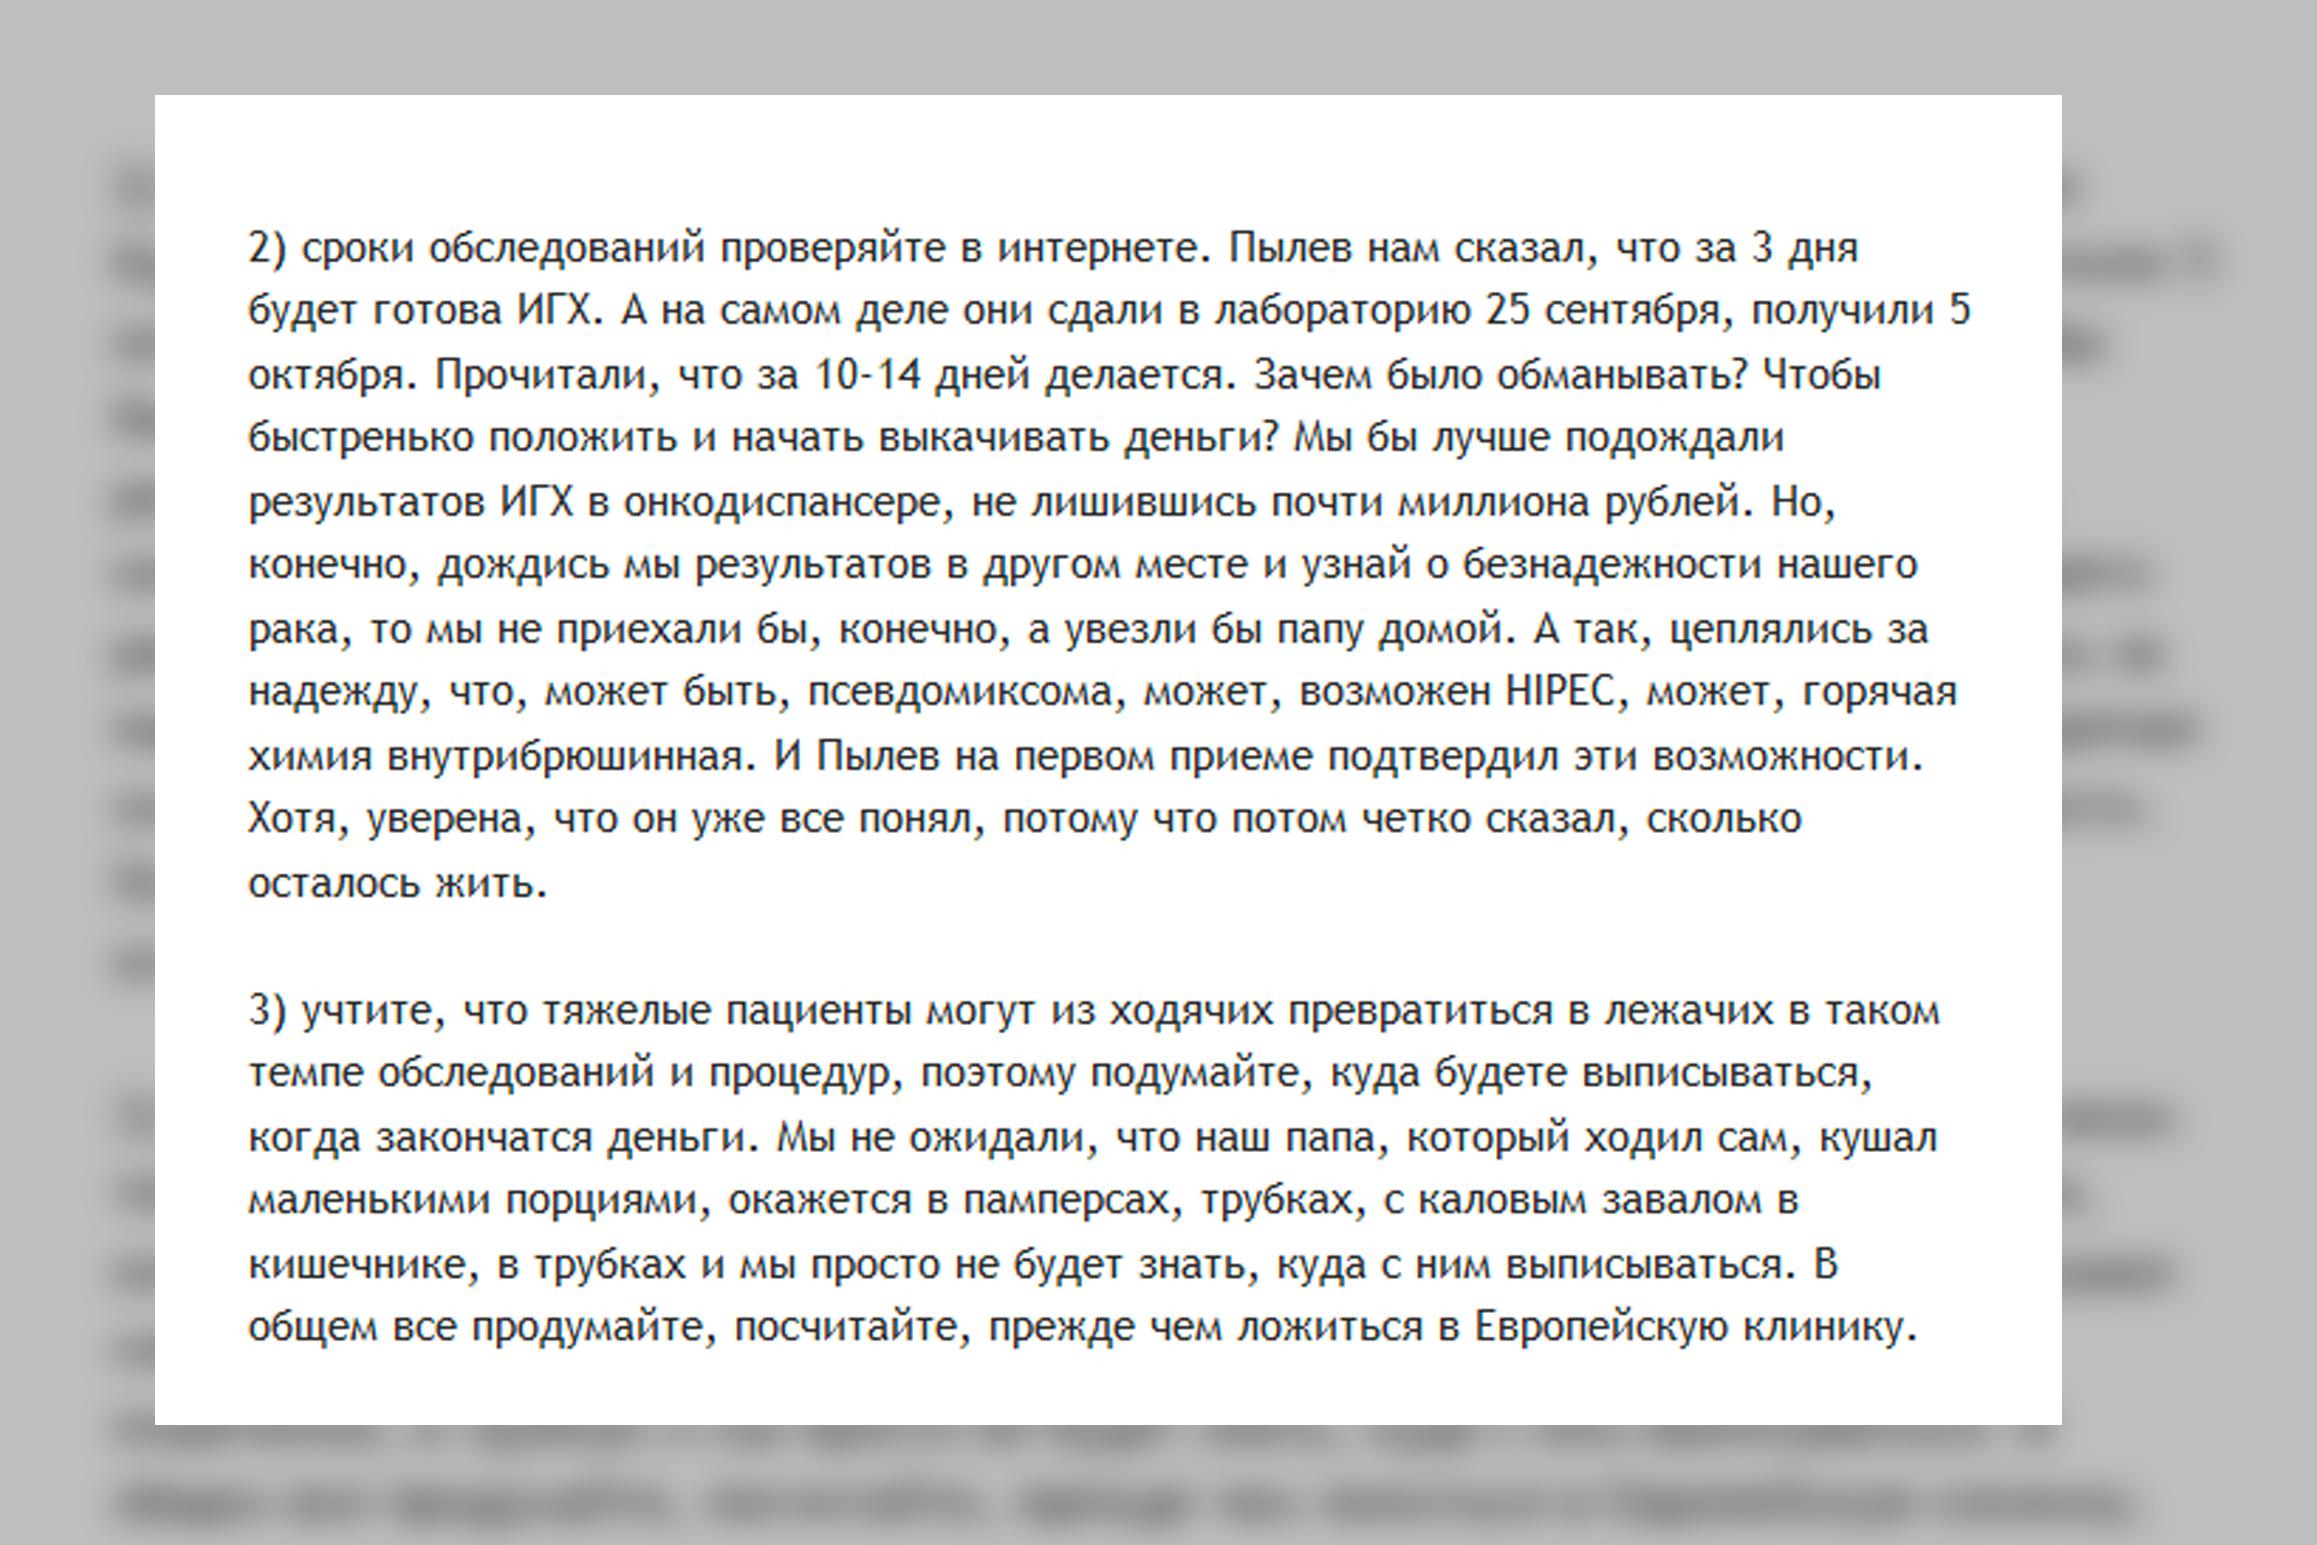 """Один из множества отзывов о работе """"Евроонко"""" в Интернете. © otzovik.com"""